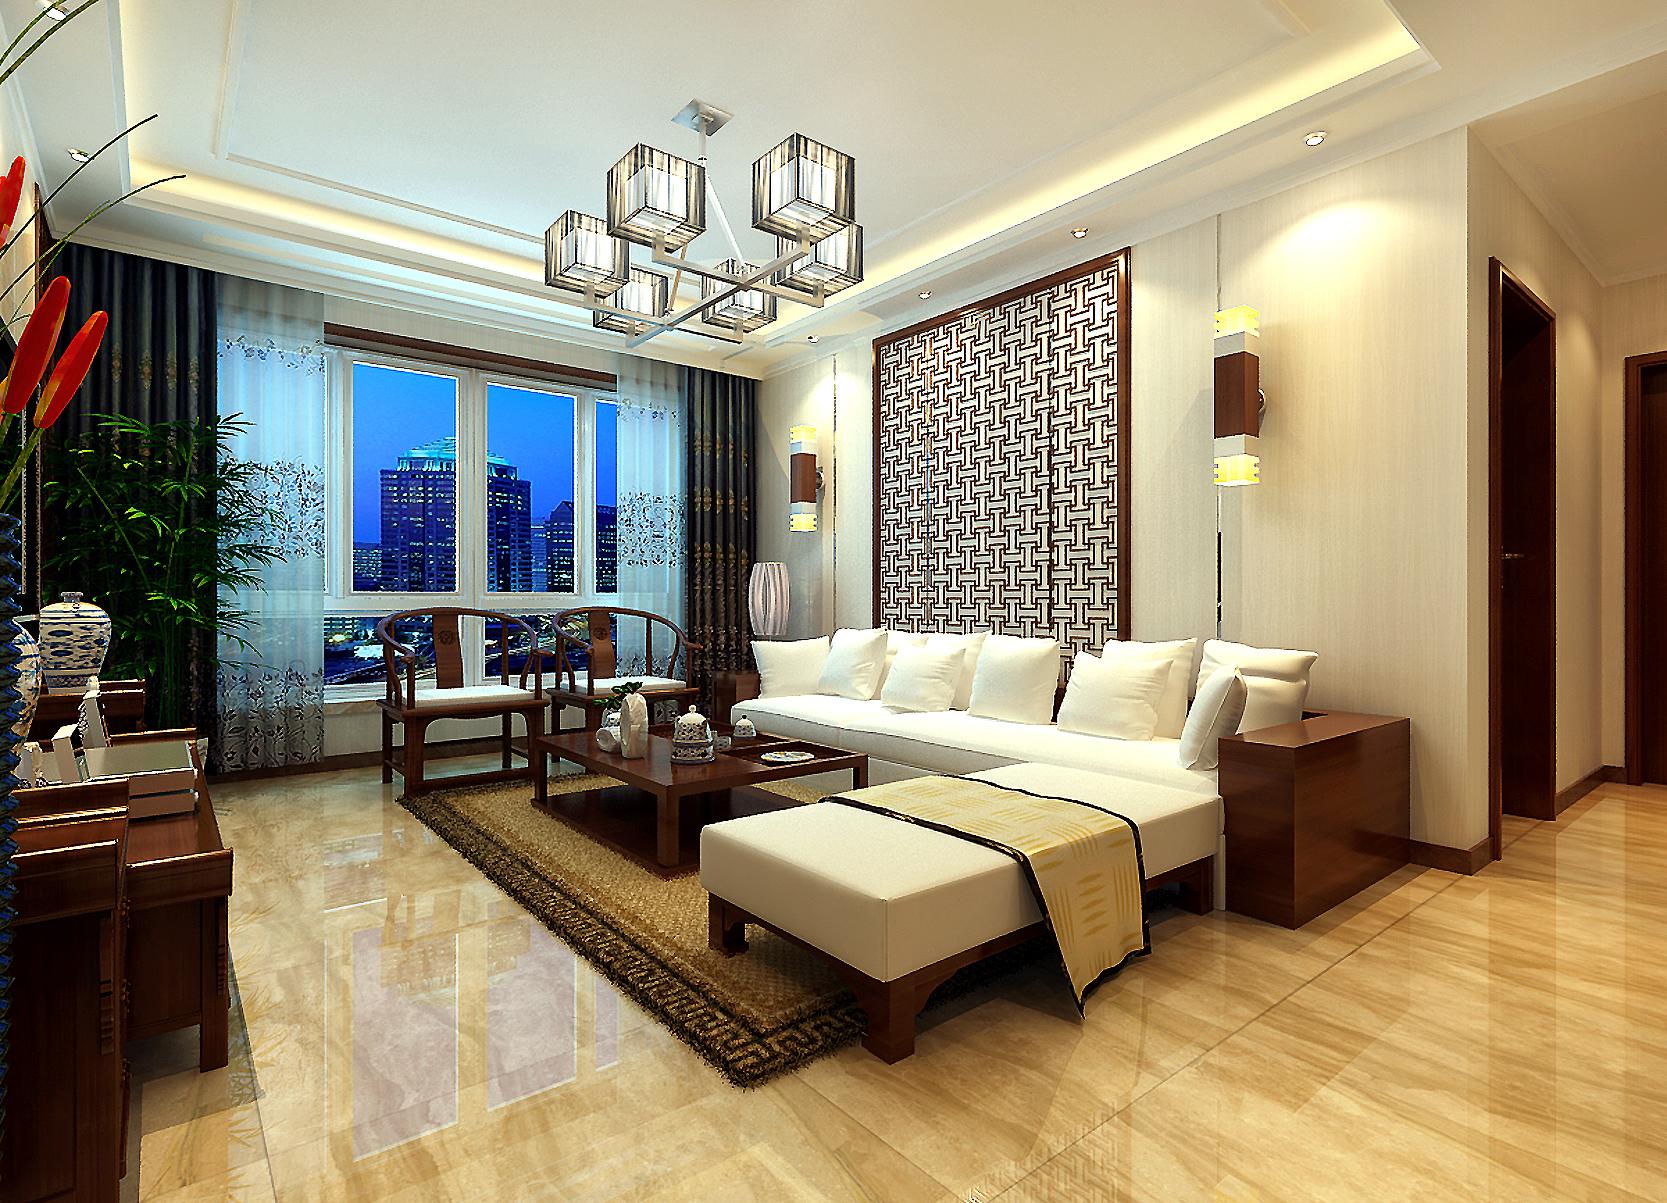 中式 三居 收纳 80后 客厅图片来自兰州业之峰大户型设计中心在中广宜景湾尚城110经典案例的分享